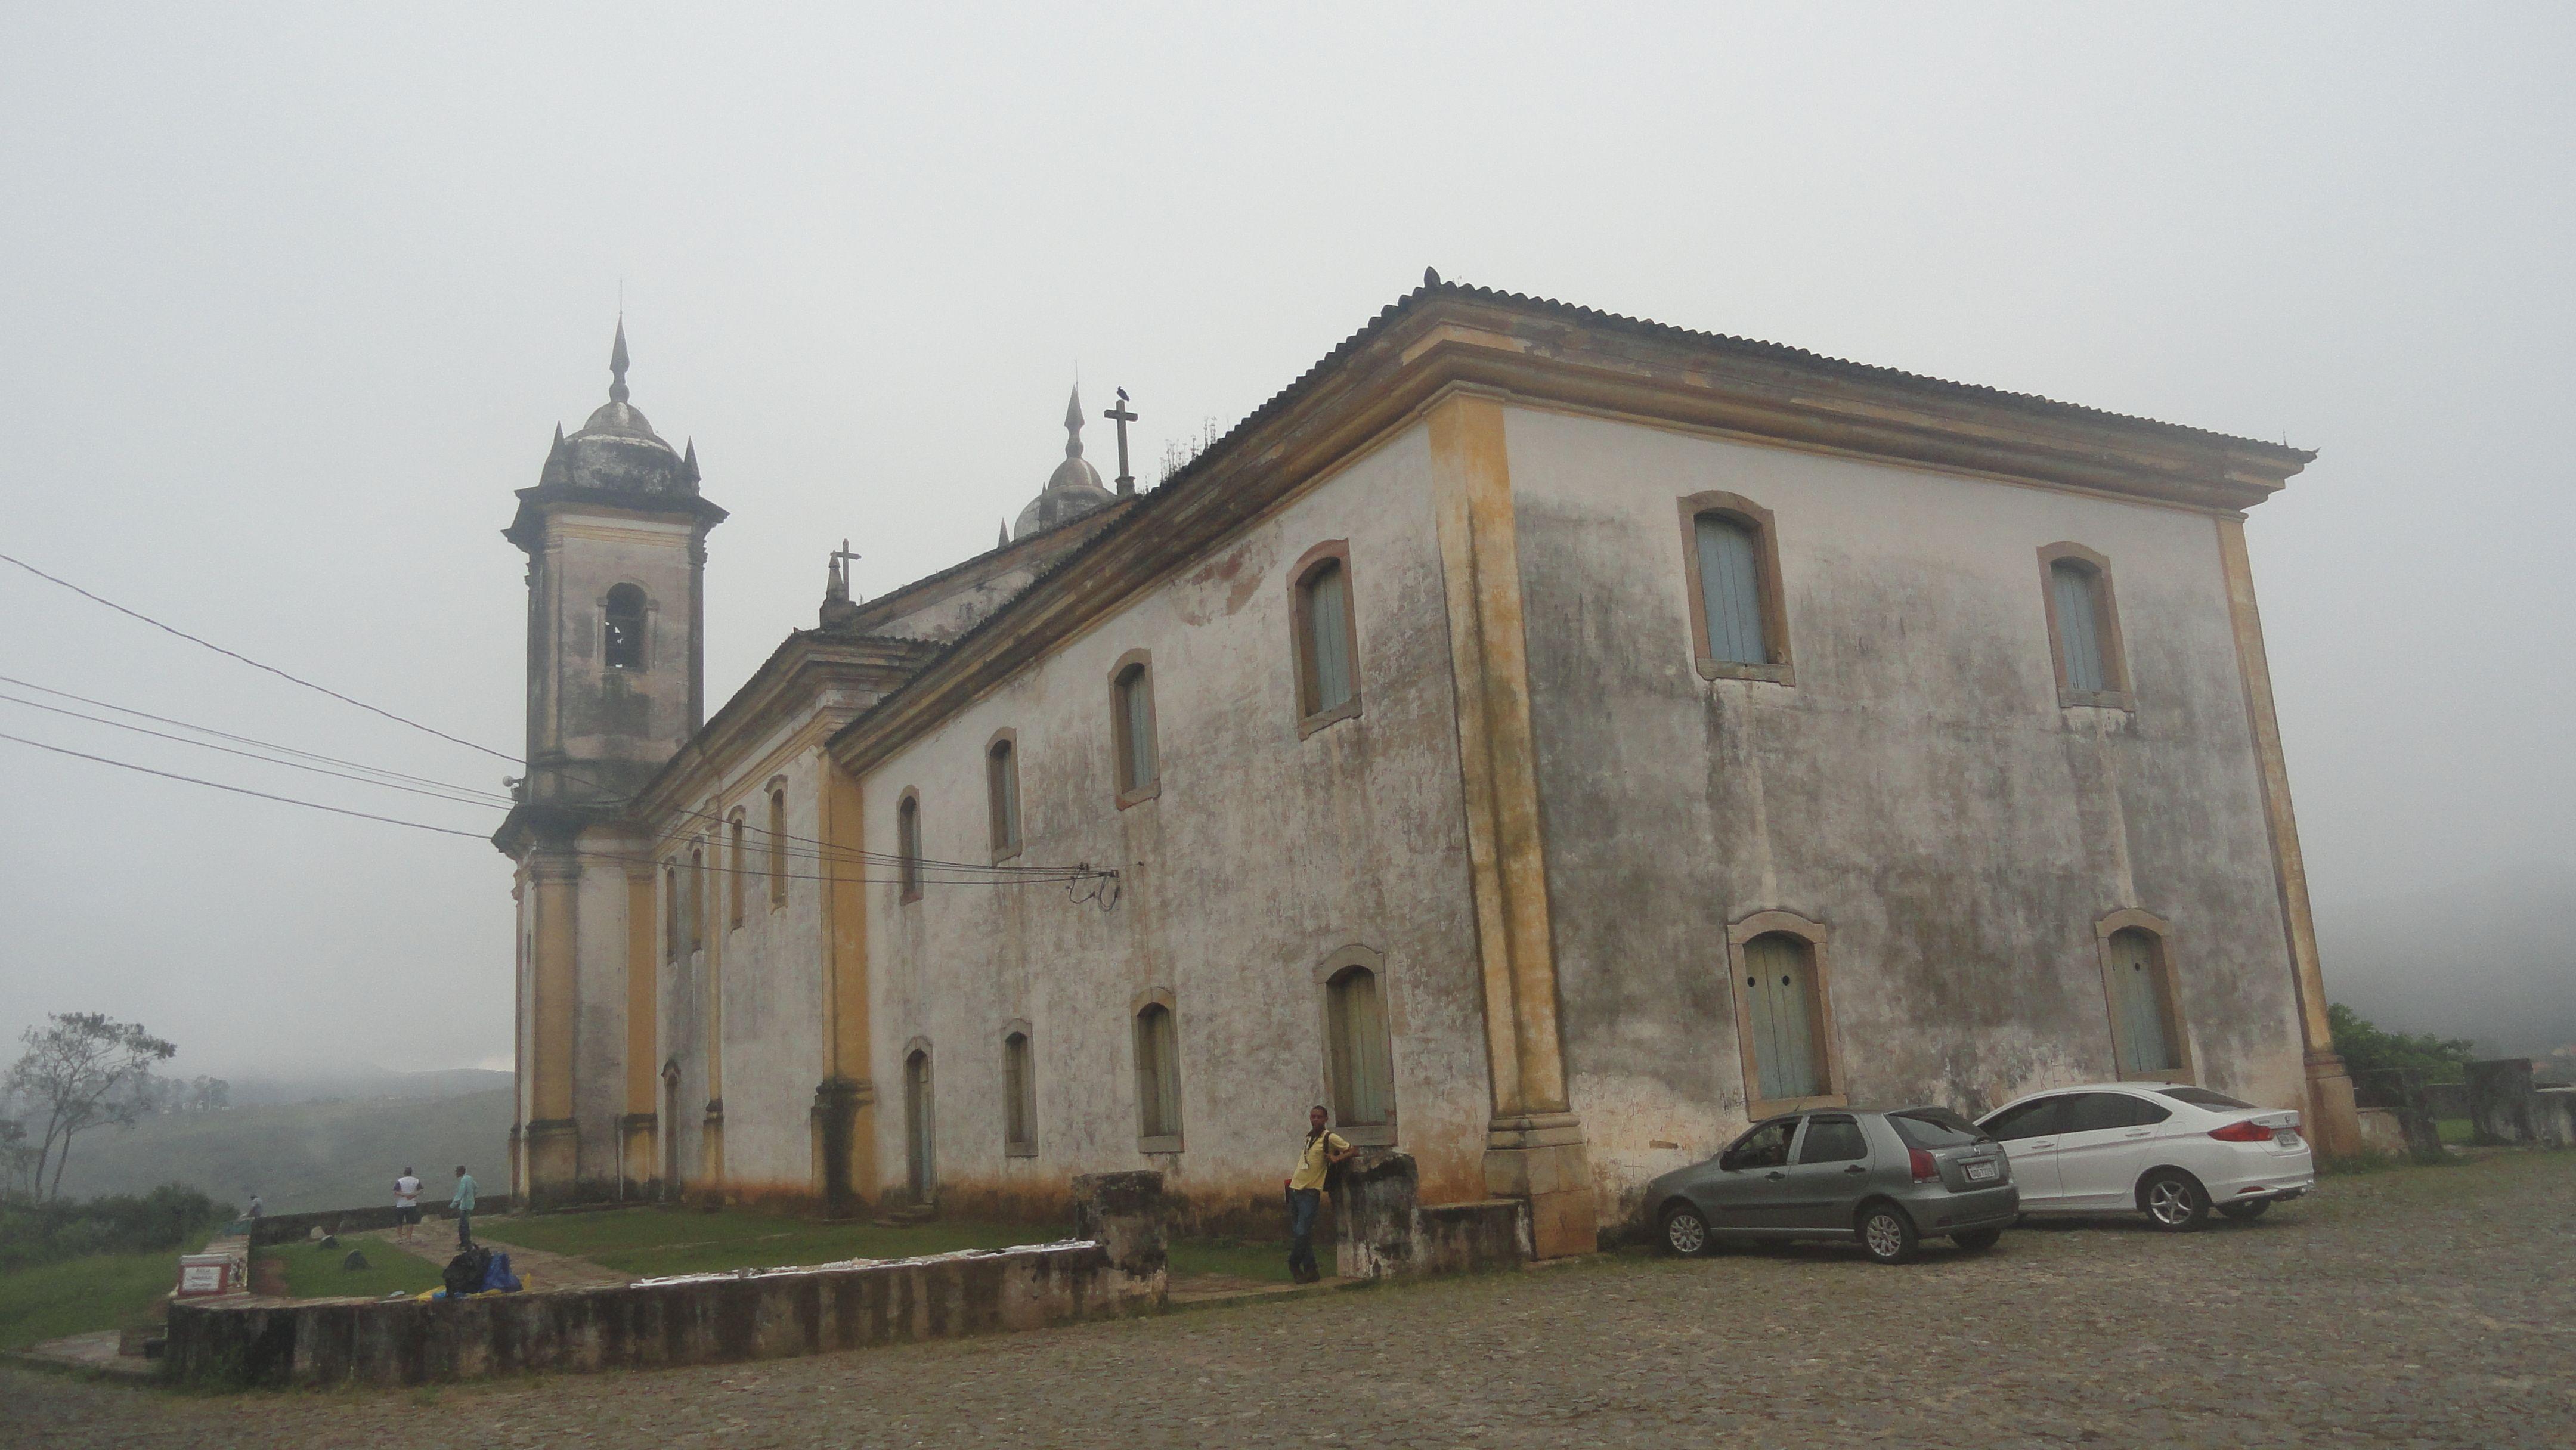 Artista Construtor Francisco Machado Da Cruz A Igreja De Sao